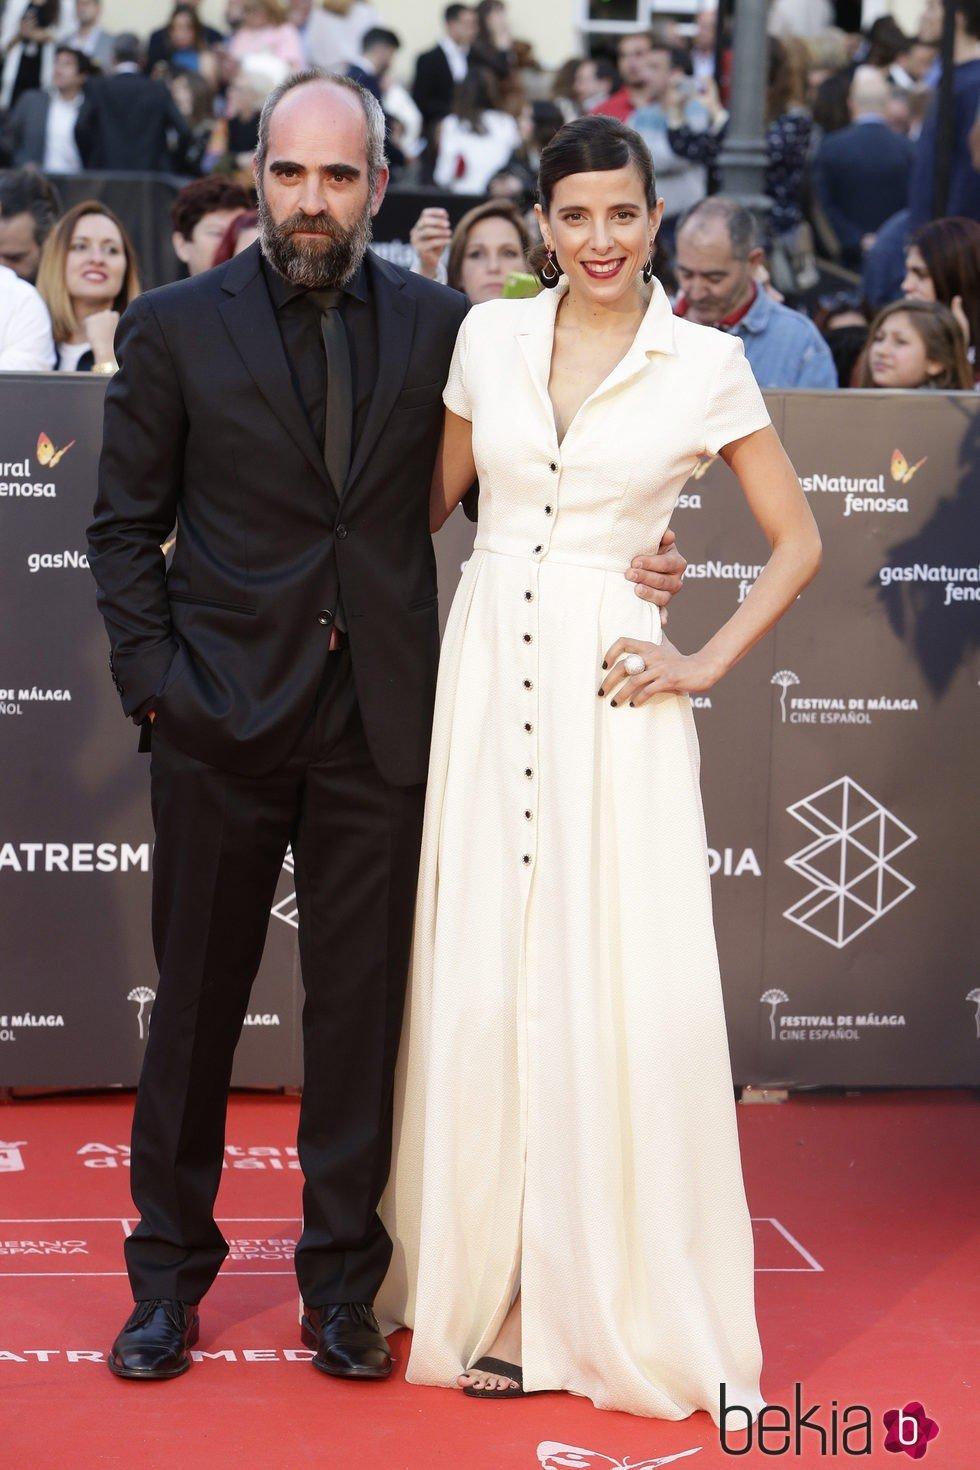 Luis Tosar y María Luisa Mayol en la gala de inauguración del Festival de Cine de Málaga 2016